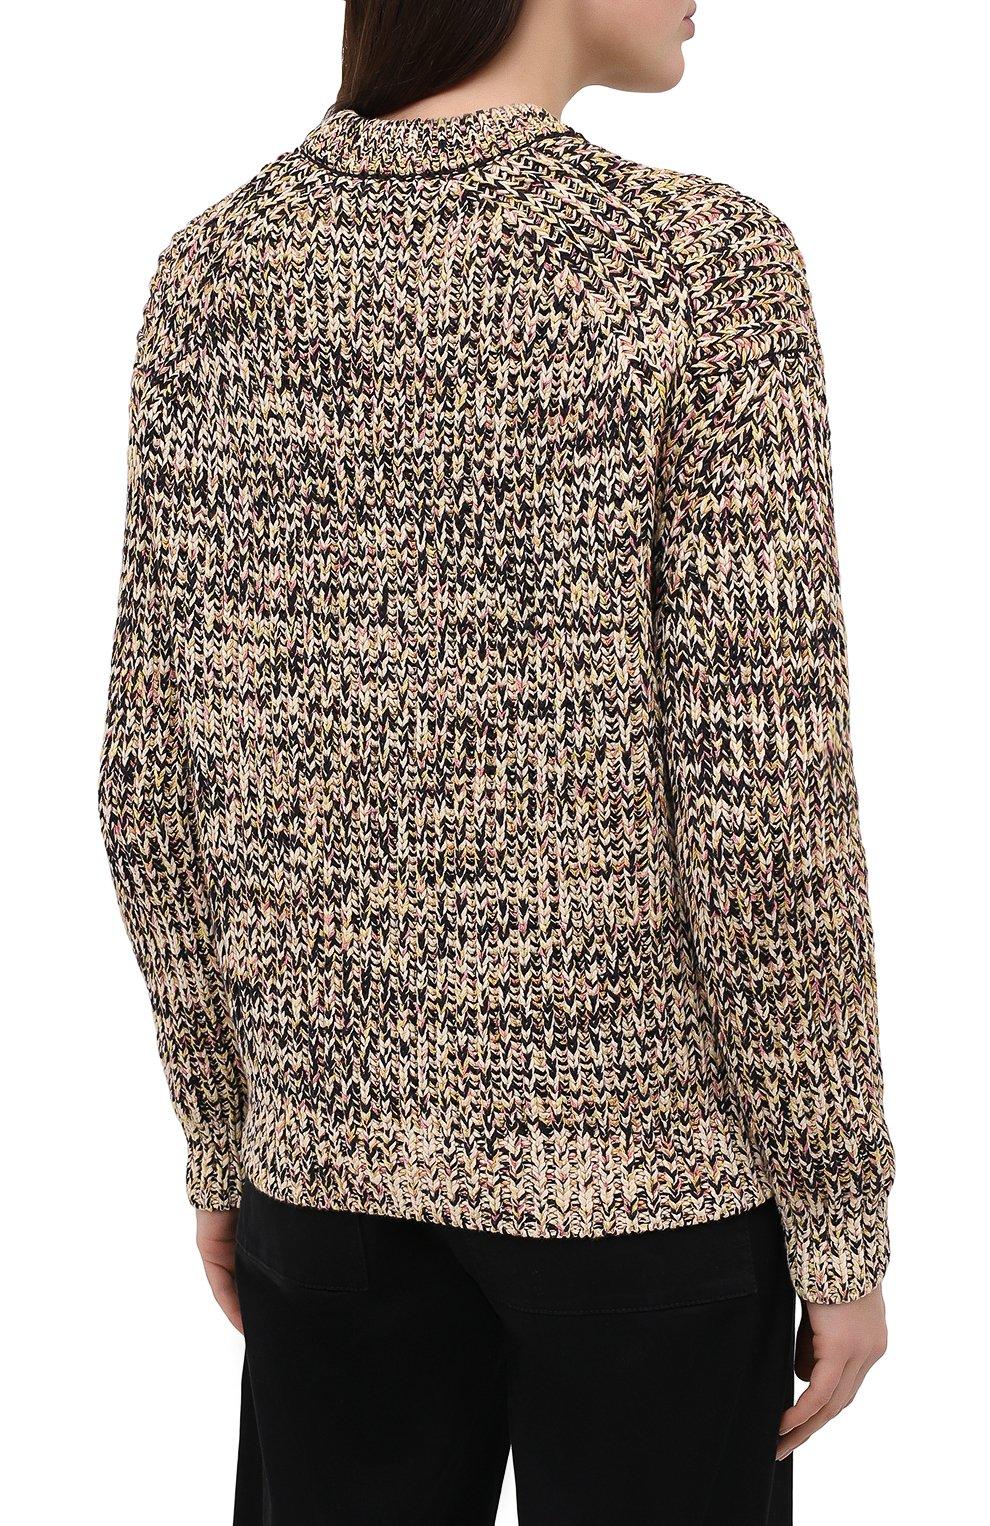 Женский свитер из хлопка и вискозы PROENZA SCHOULER WHITE LABEL бежевого цвета, арт. WL2117566-KC084 | Фото 4